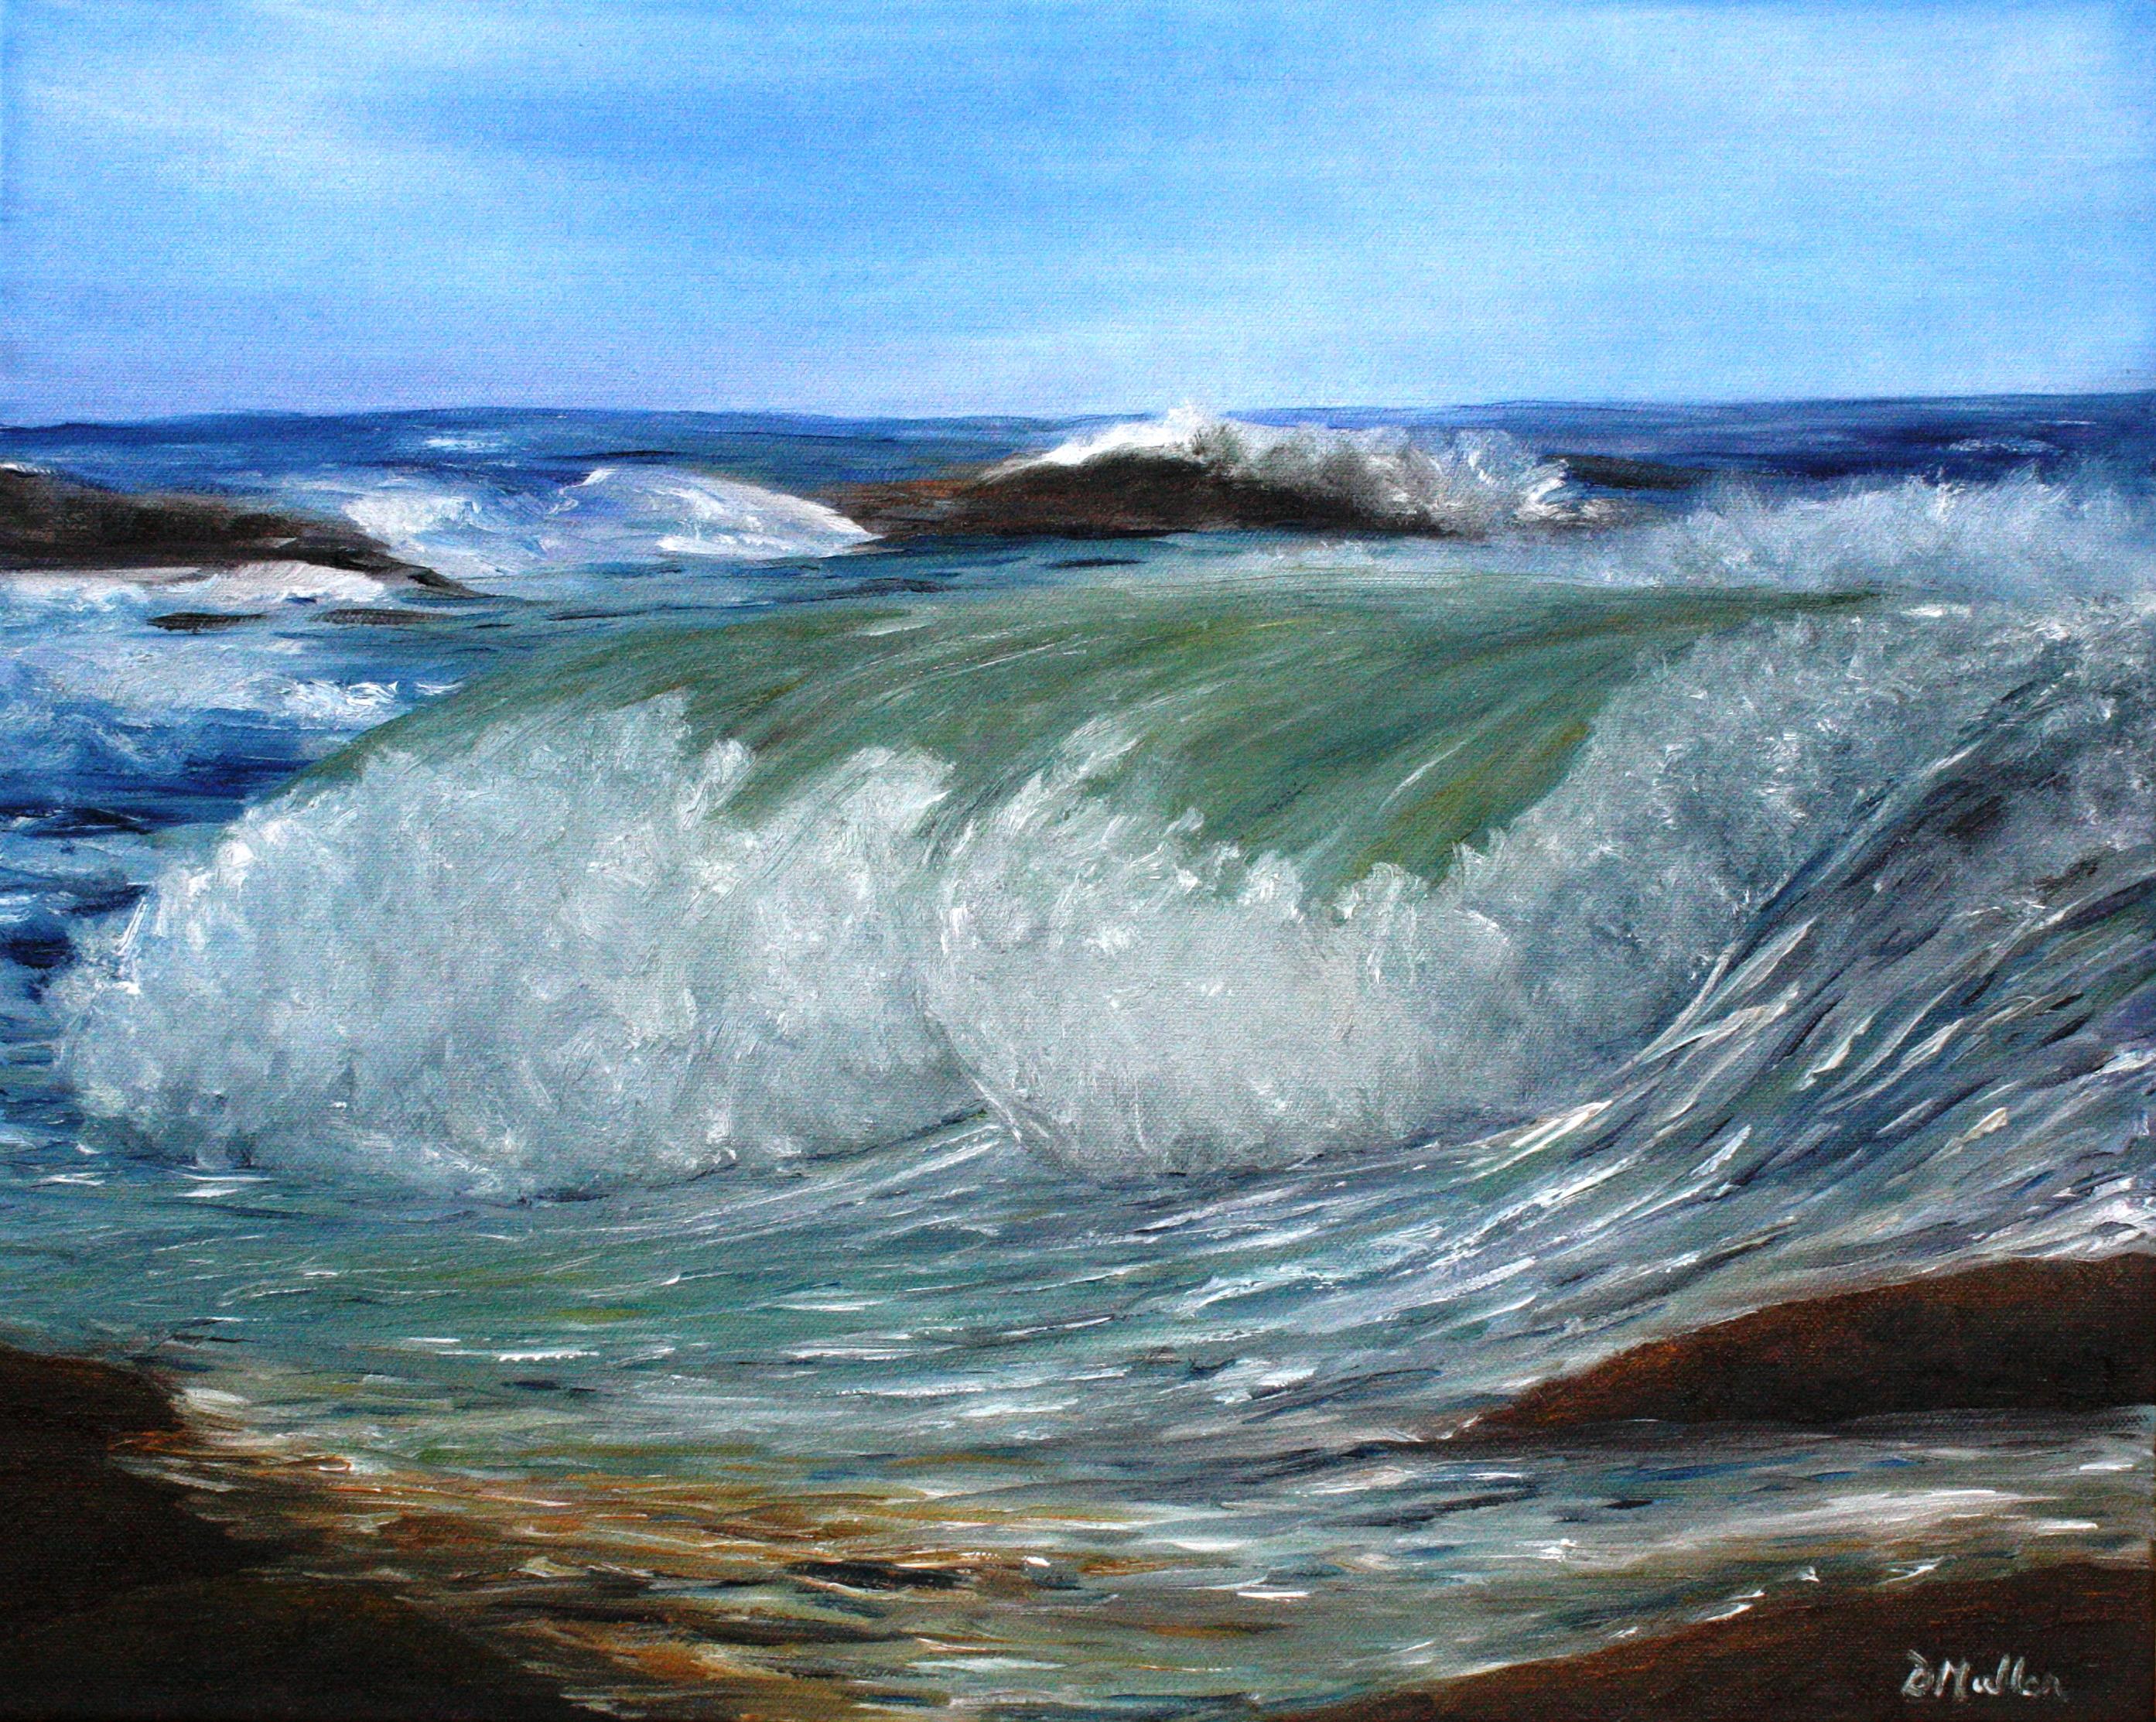 Wave, ocean